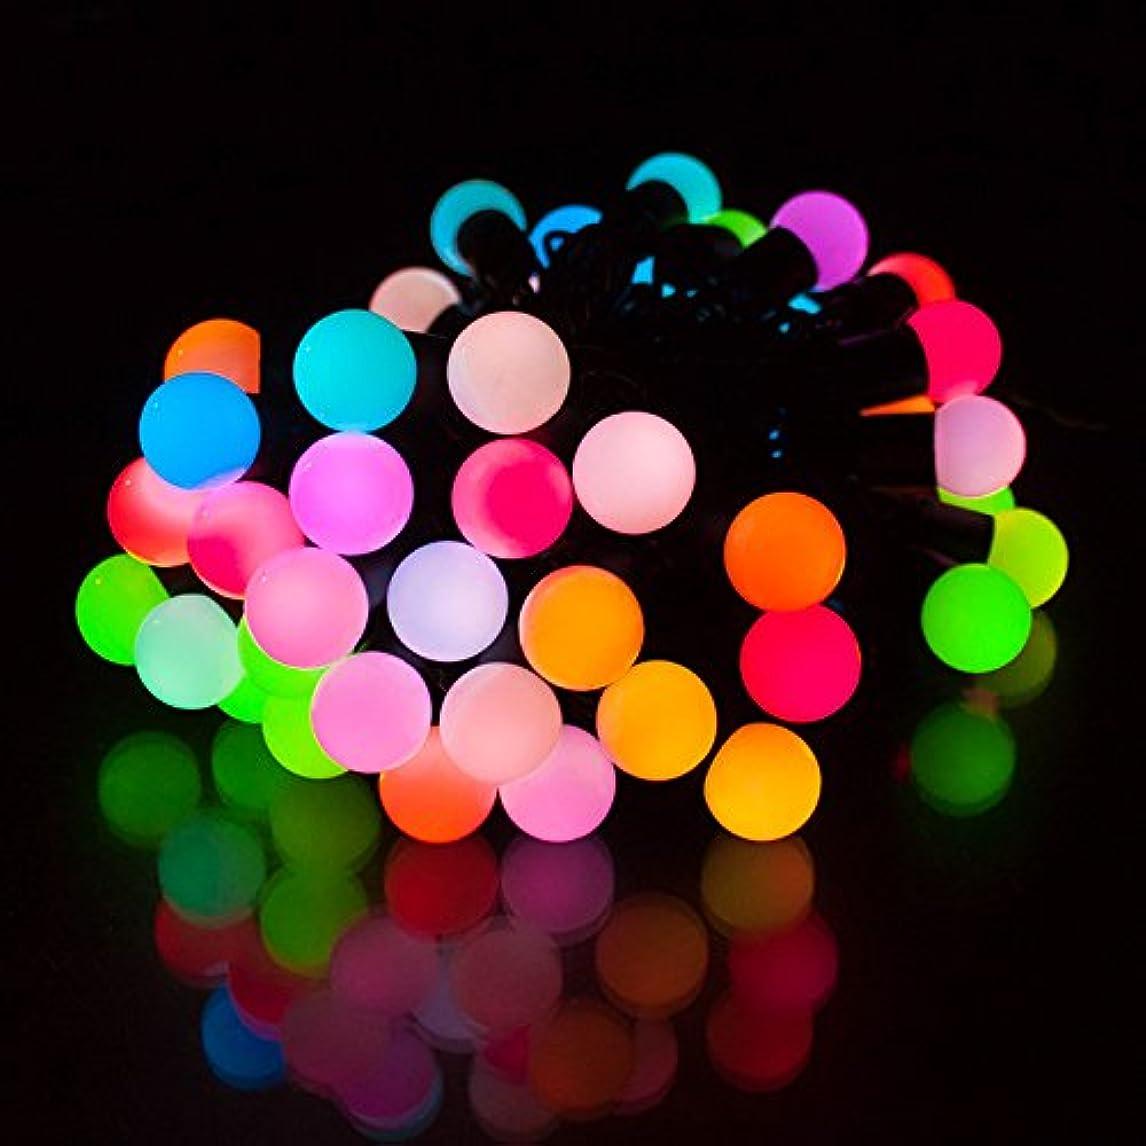 すき広々とした転用電光ホーム イルミネーション カラーボール ボール型 [ グラデーション 点灯 ] 屋外 防水 防雨 クリスマスツリー ハロウィン DIY 5m LEDライト 50球 (レインボー) 早めにフェード